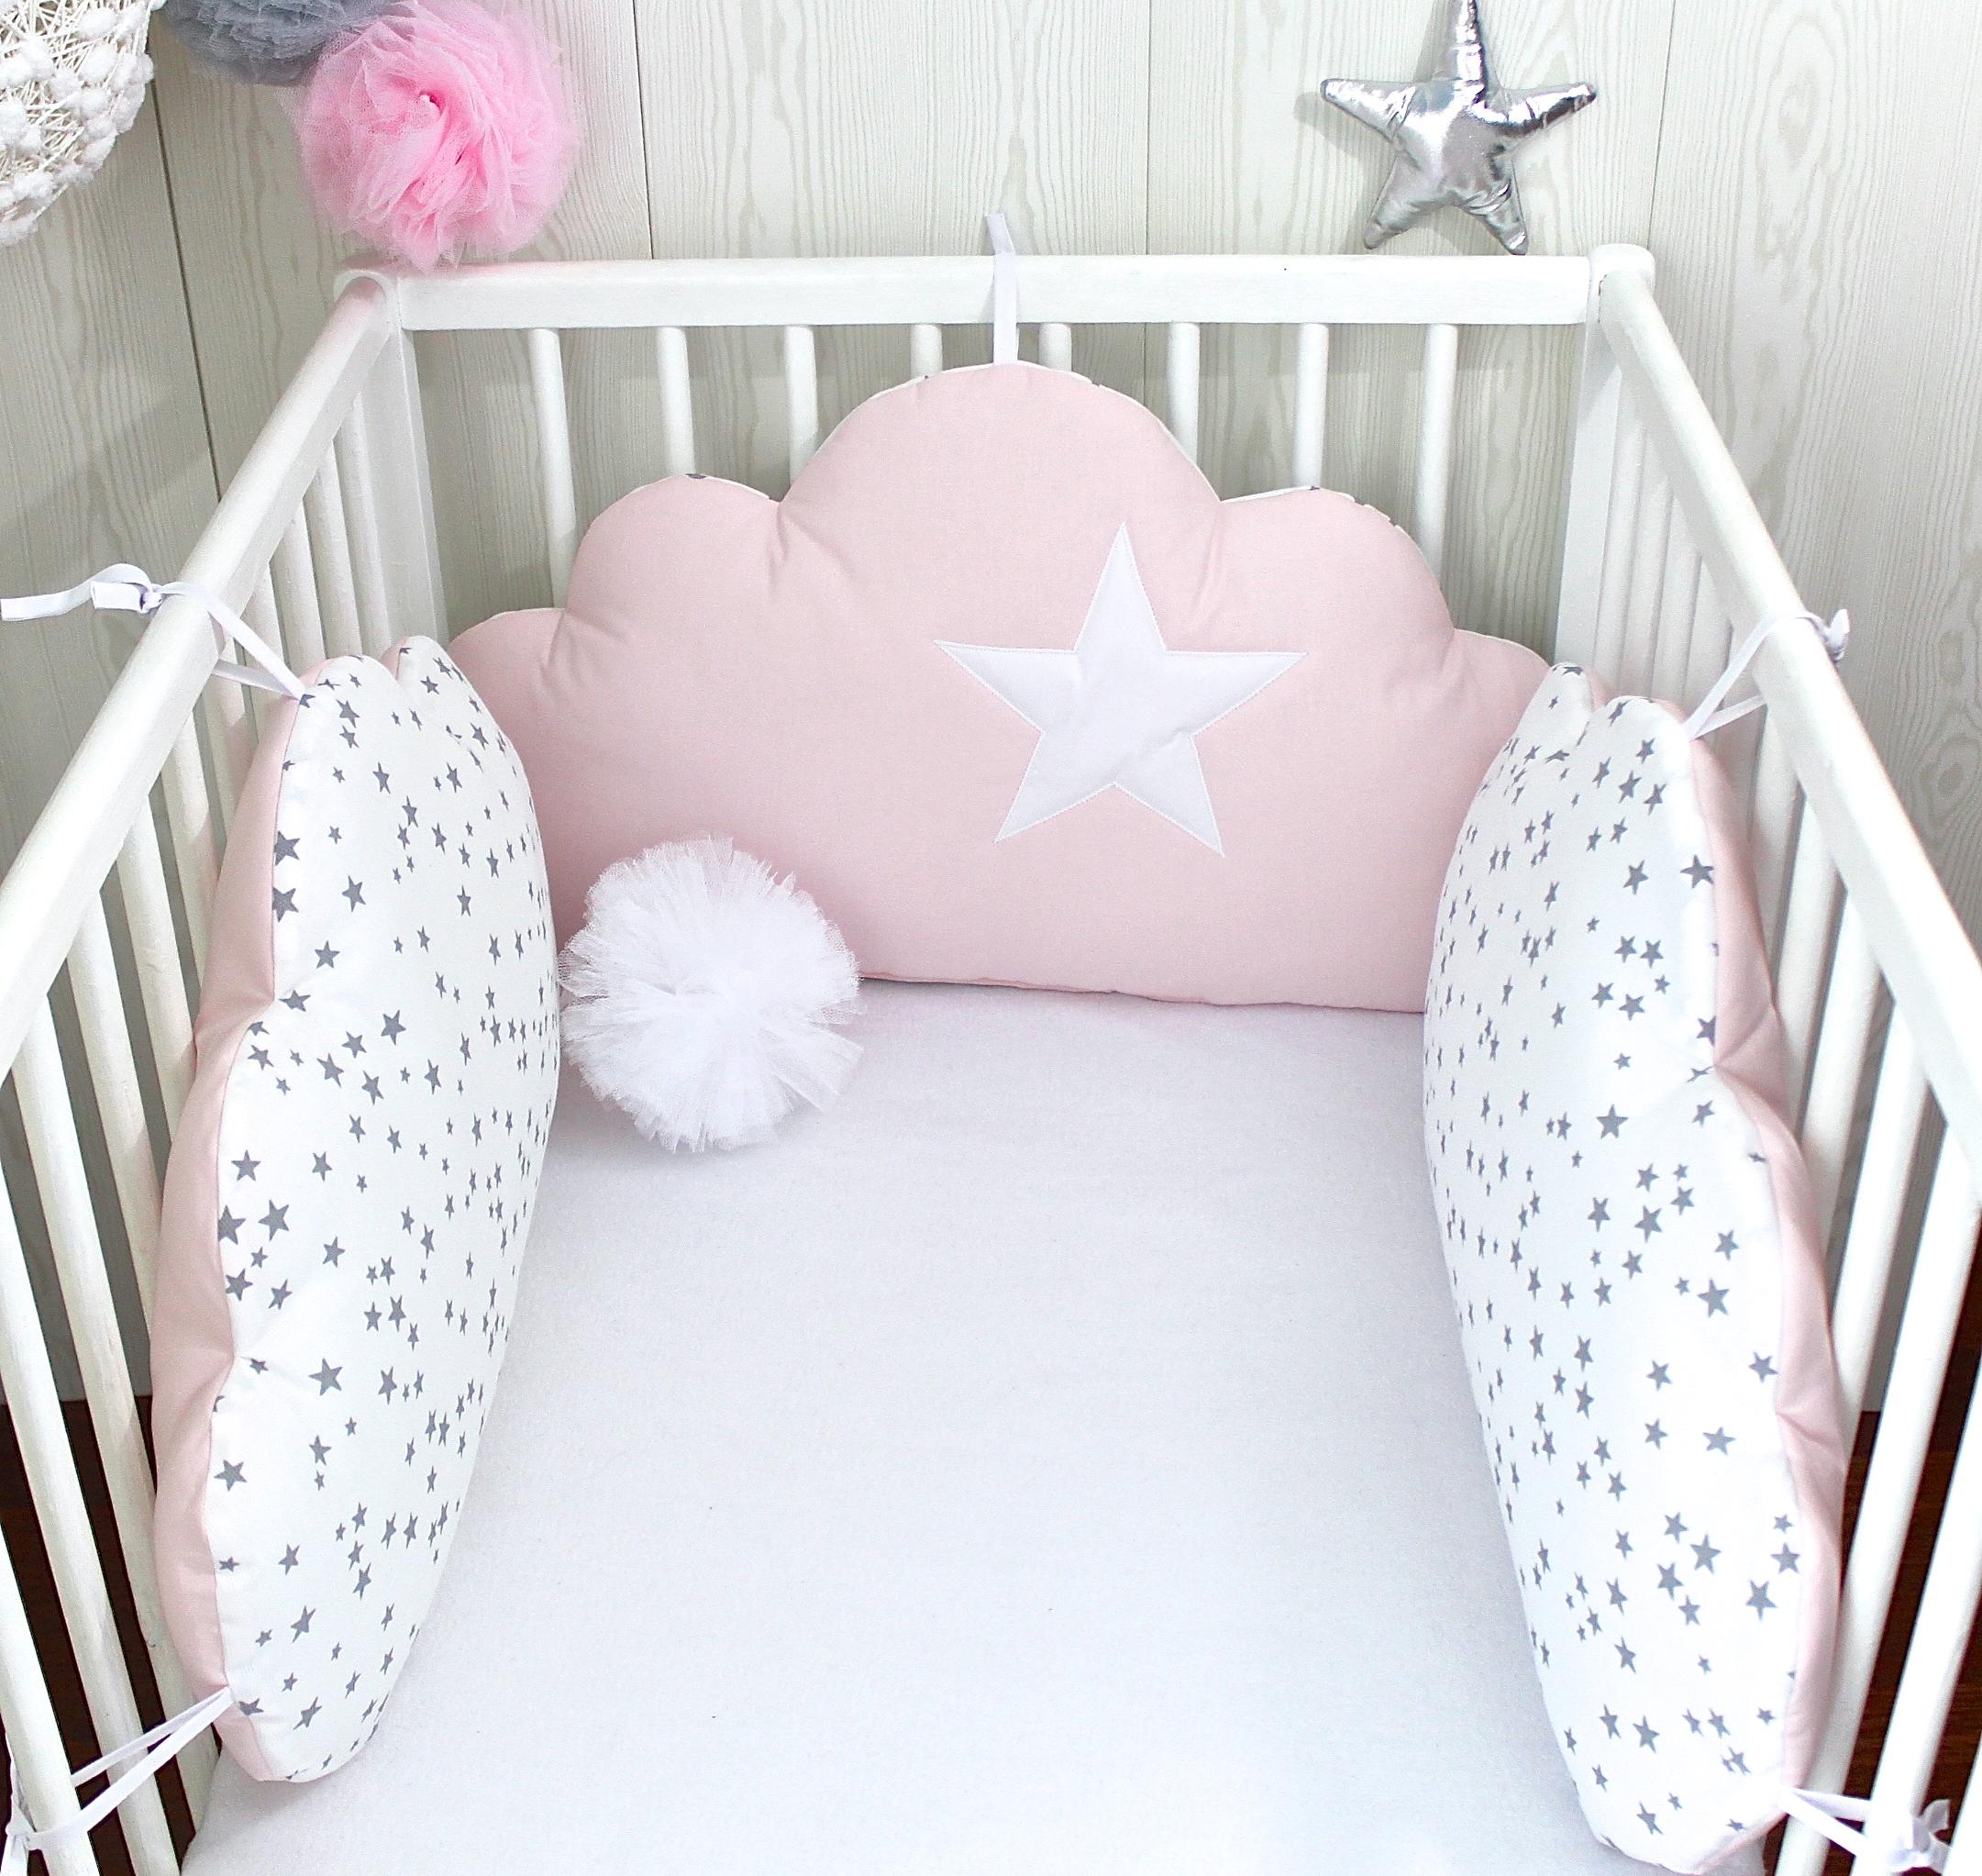 Tour de lit bébé, 60cm large, 3 coussins nuages, ton rose pale et ...